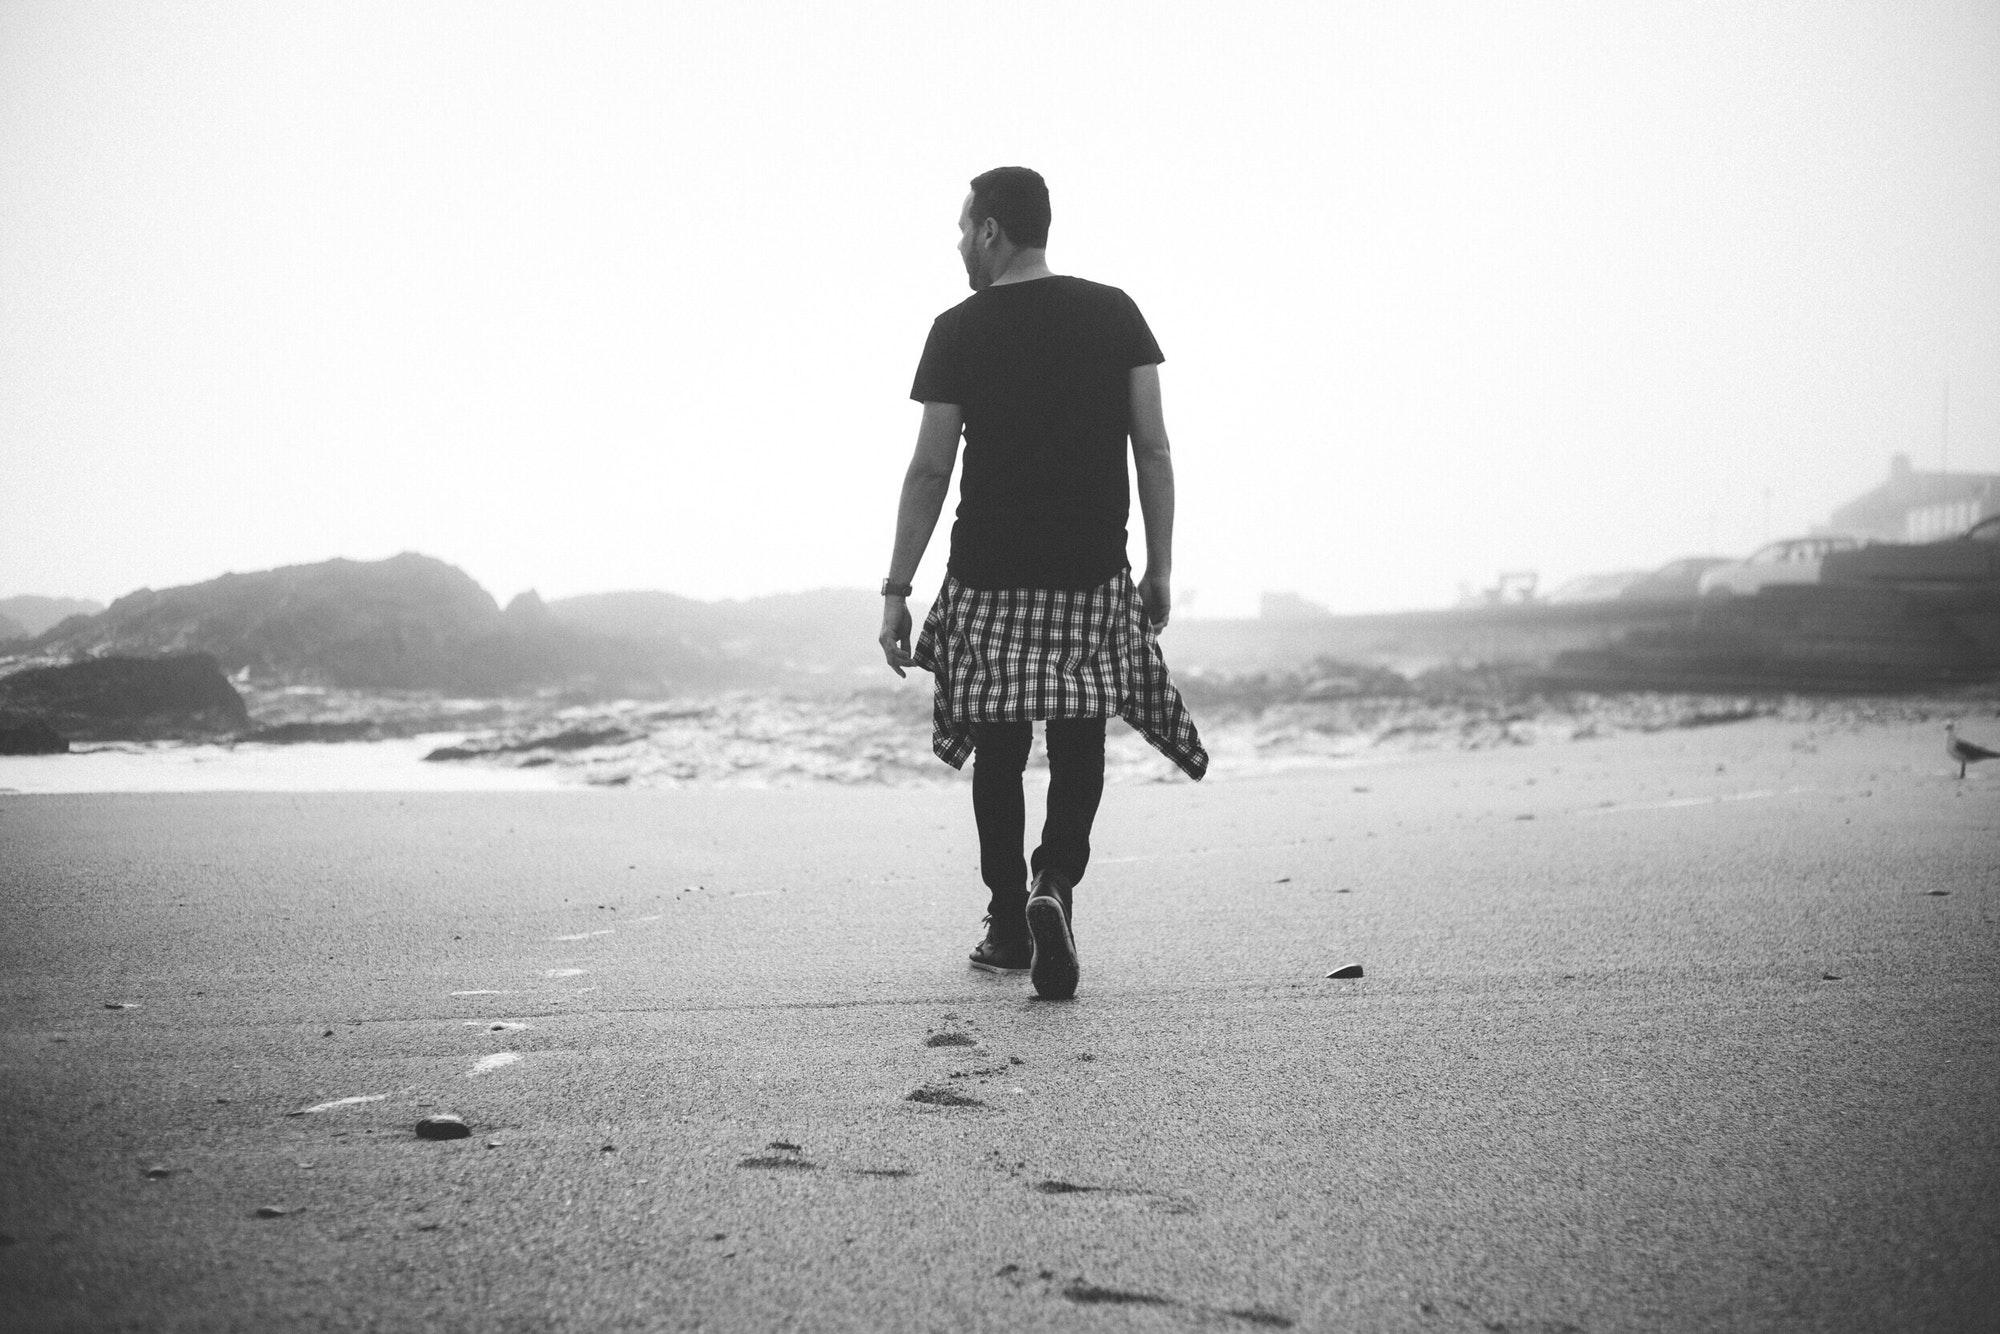 vue d'un homme de dos qui marche sur une plage. Photo en noir et blanc